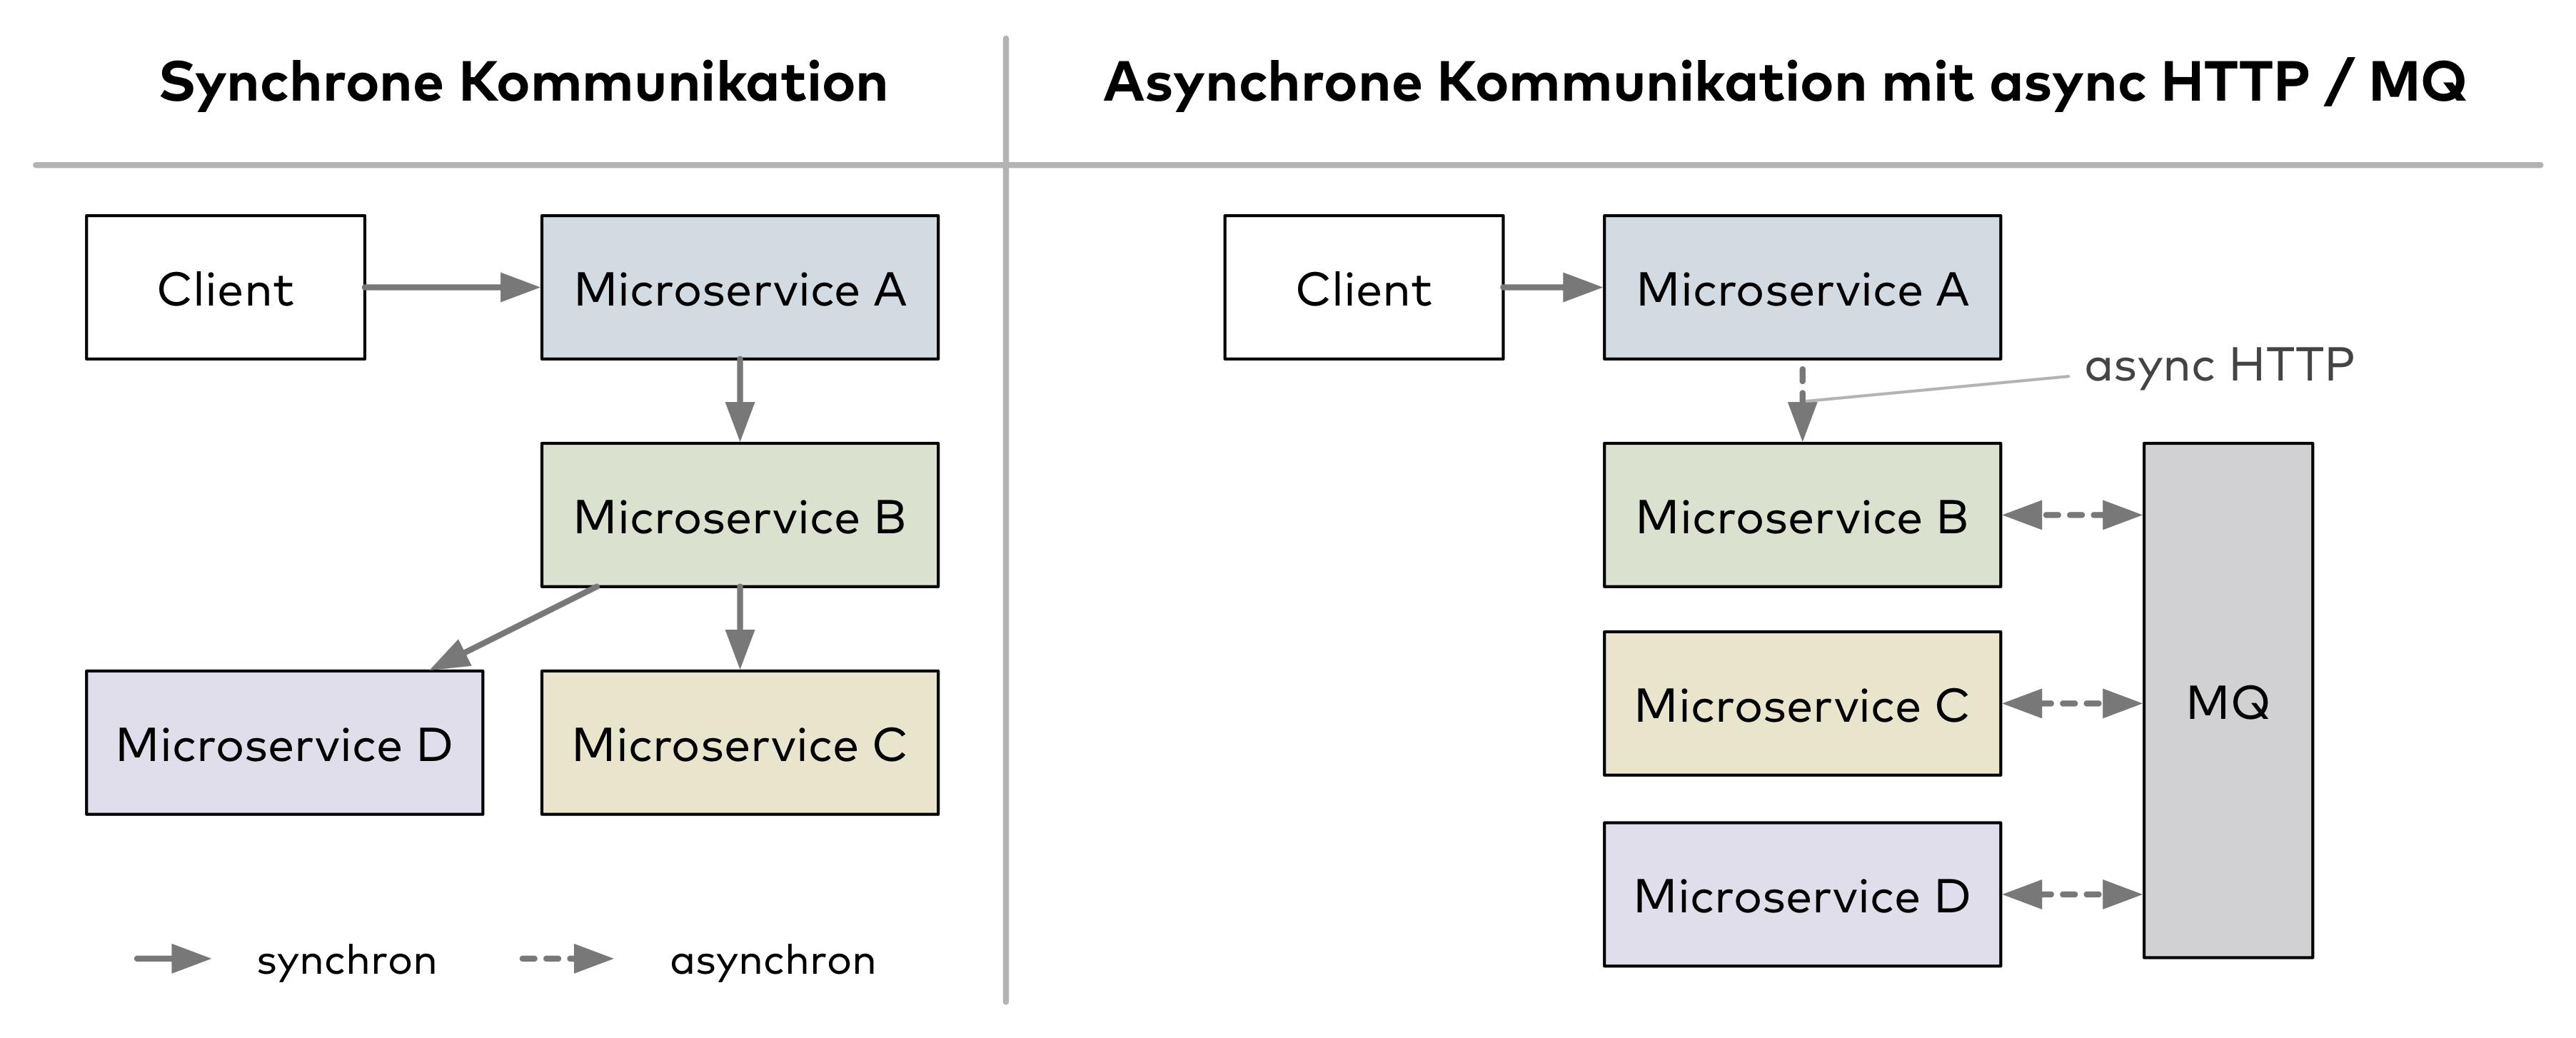 Abb. 1: Synchrone und asychrone Kommunikation zwischen Microservices